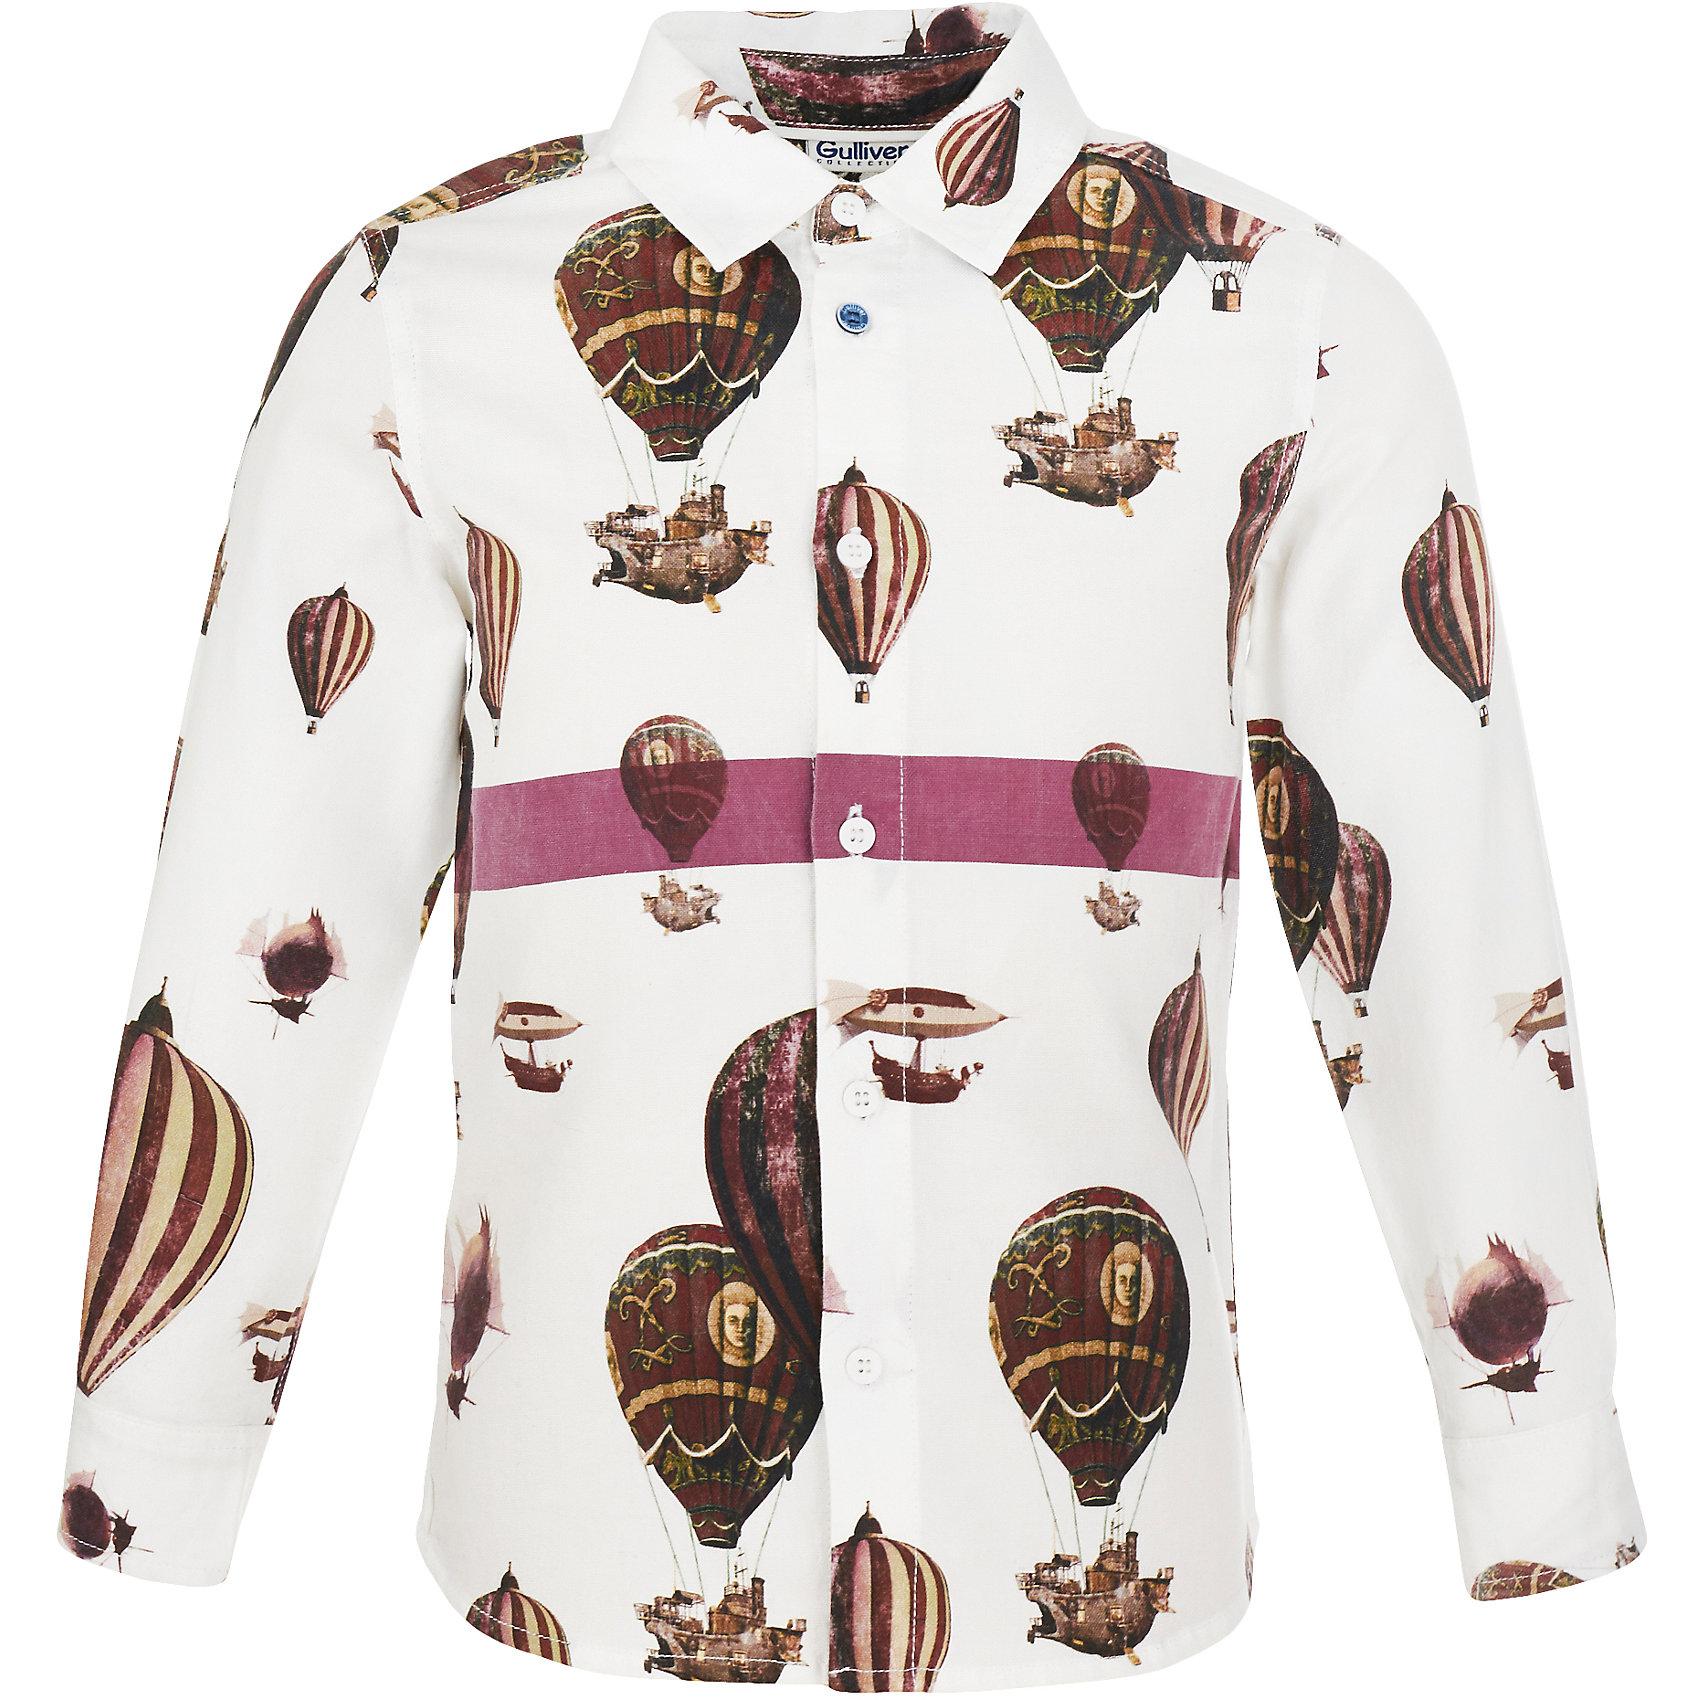 Сорочка Gulliver для мальчикаБлузки и рубашки<br>Сорочка Gulliver для мальчика<br>Модная белая рубашка для мальчика с крупным активным рисунком сделает образ ребенка свежим и современным! Если вы хотите купить рубашку для мальчика, но устали от простых базовых решений, вам стоит купить рубашку из коллекции Воздушная регата! Чуть приталенный силуэт, необычный принт, оригинальная отделка цветной полосой делают рубашку очень привлекательной и яркой! Она станет акцентом любого комплекта в стиле casual, придав образу малыша новизну и индивидуальность.<br>Состав:<br>100% хлопок<br><br>Ширина мм: 174<br>Глубина мм: 10<br>Высота мм: 169<br>Вес г: 157<br>Цвет: белый<br>Возраст от месяцев: 60<br>Возраст до месяцев: 72<br>Пол: Мужской<br>Возраст: Детский<br>Размер: 116,98,104,110<br>SKU: 7078598